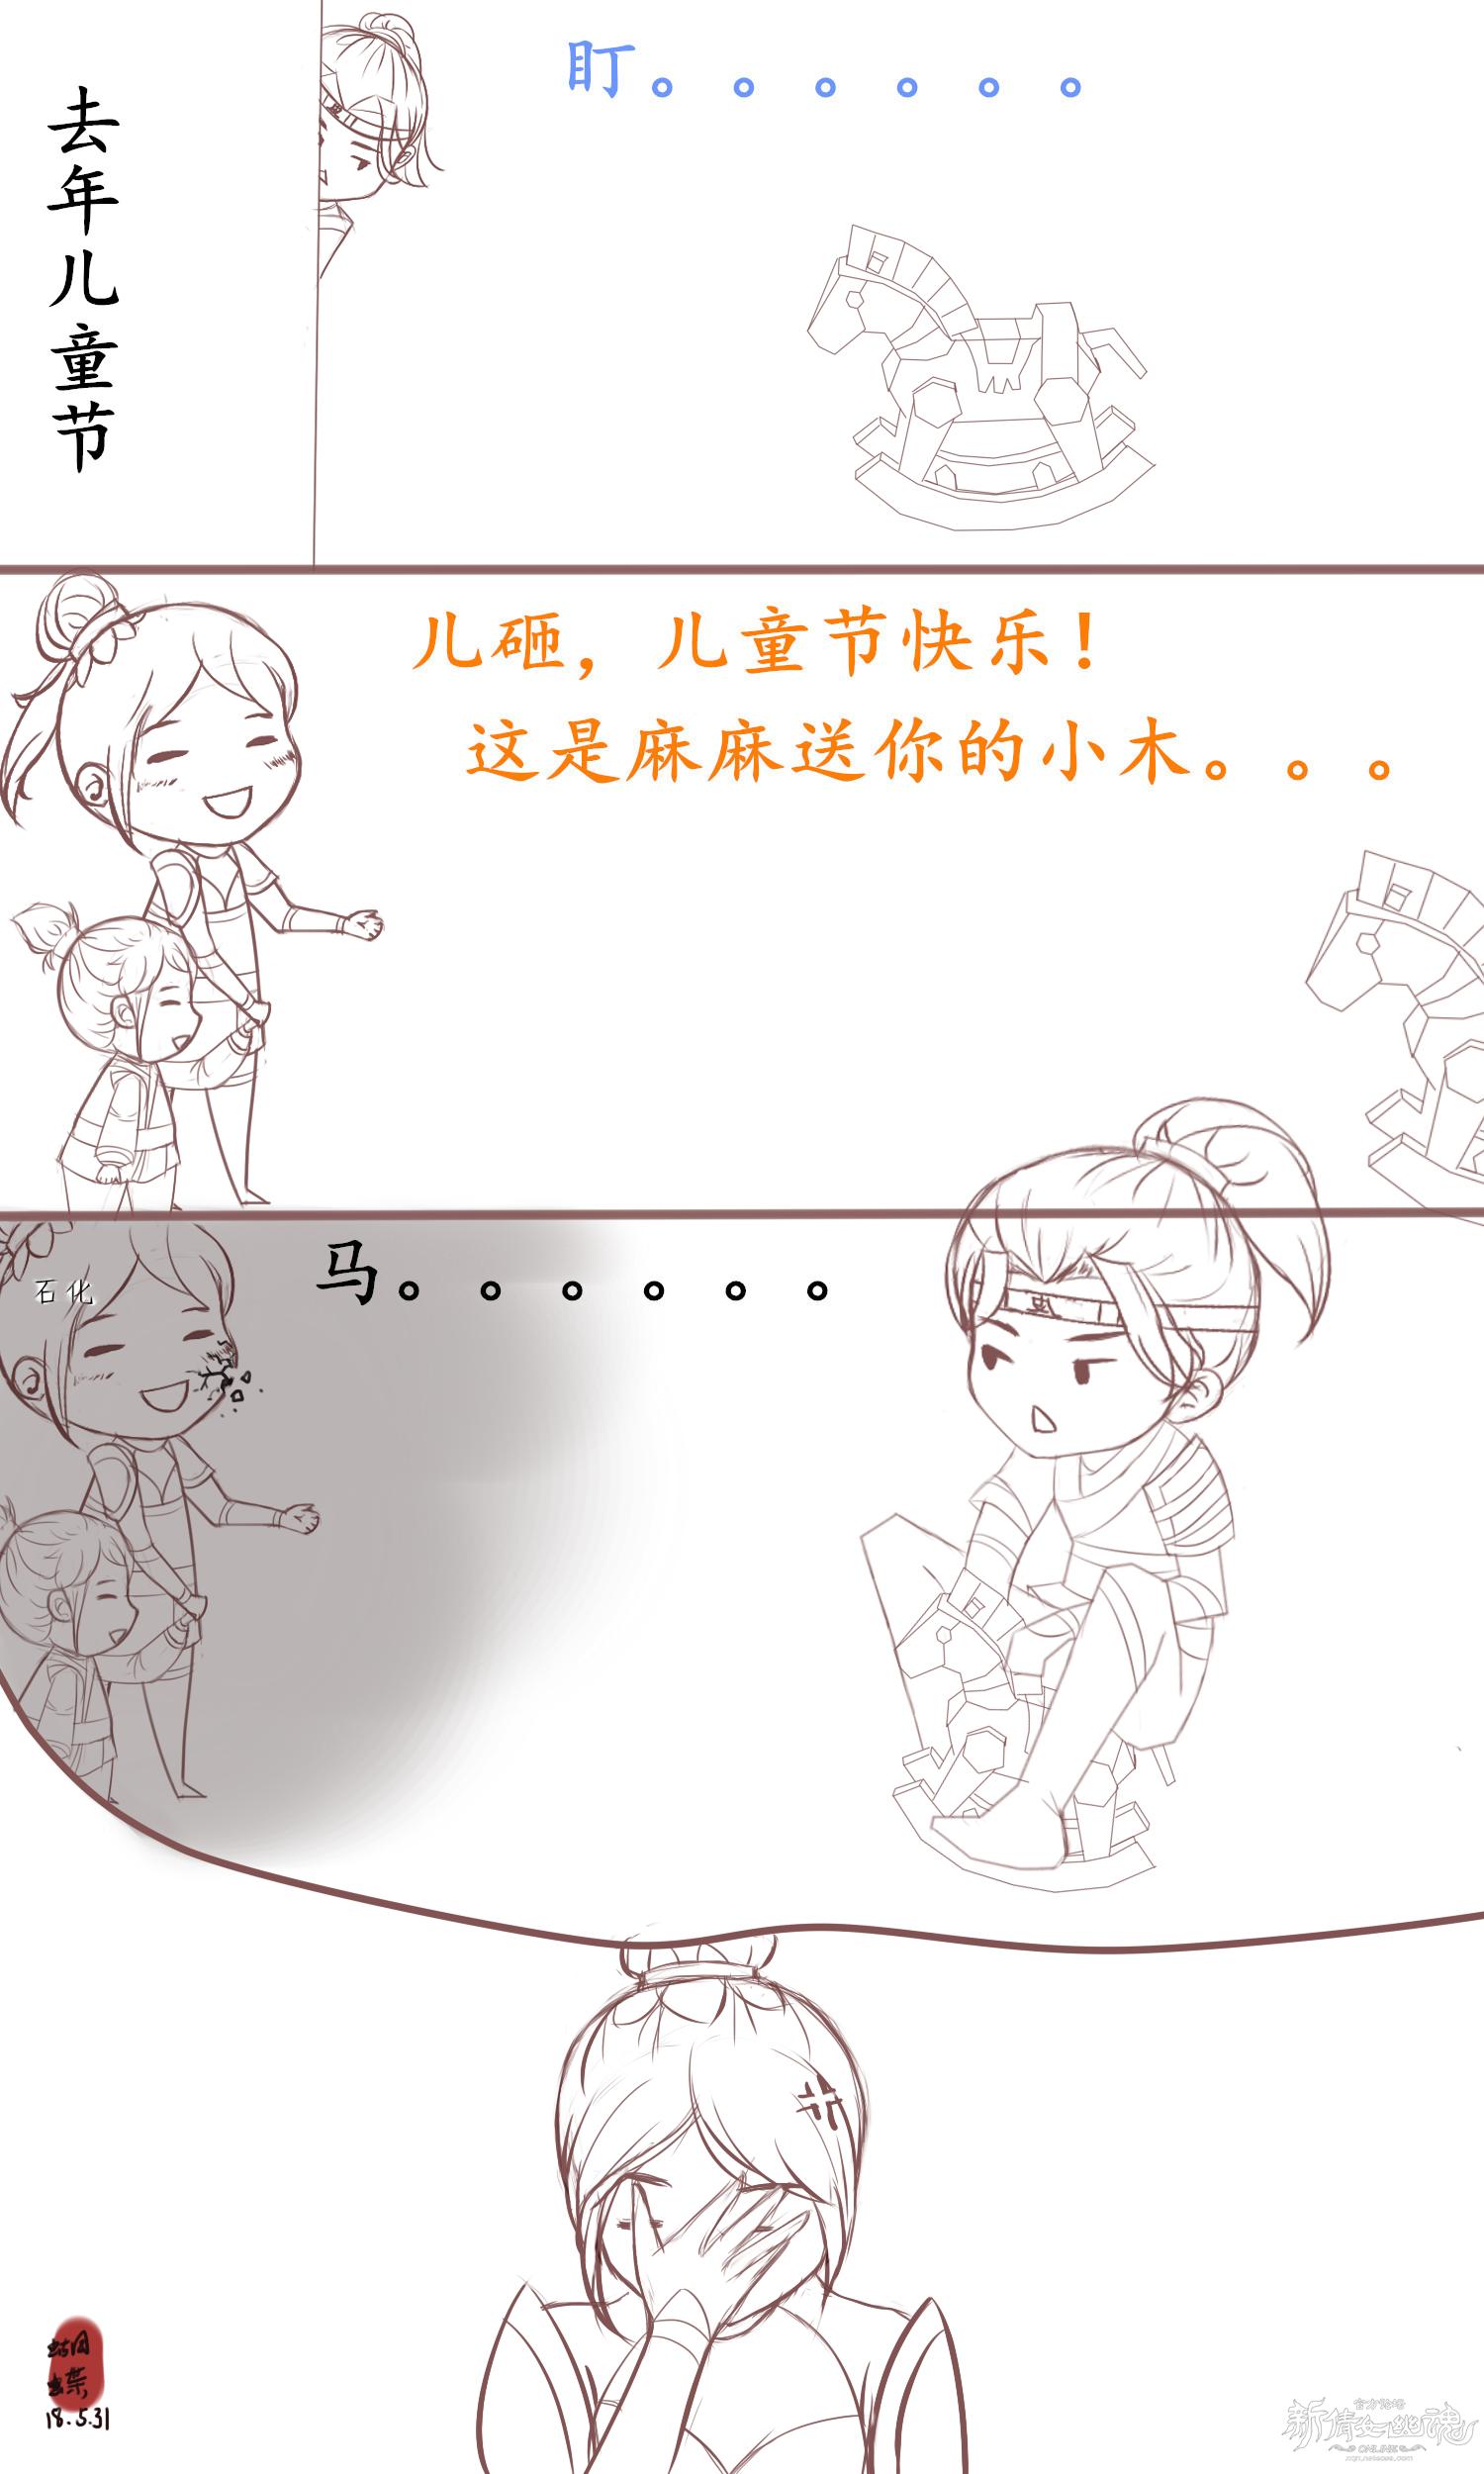 [手绘] 【名人堂】儿童节系列之二